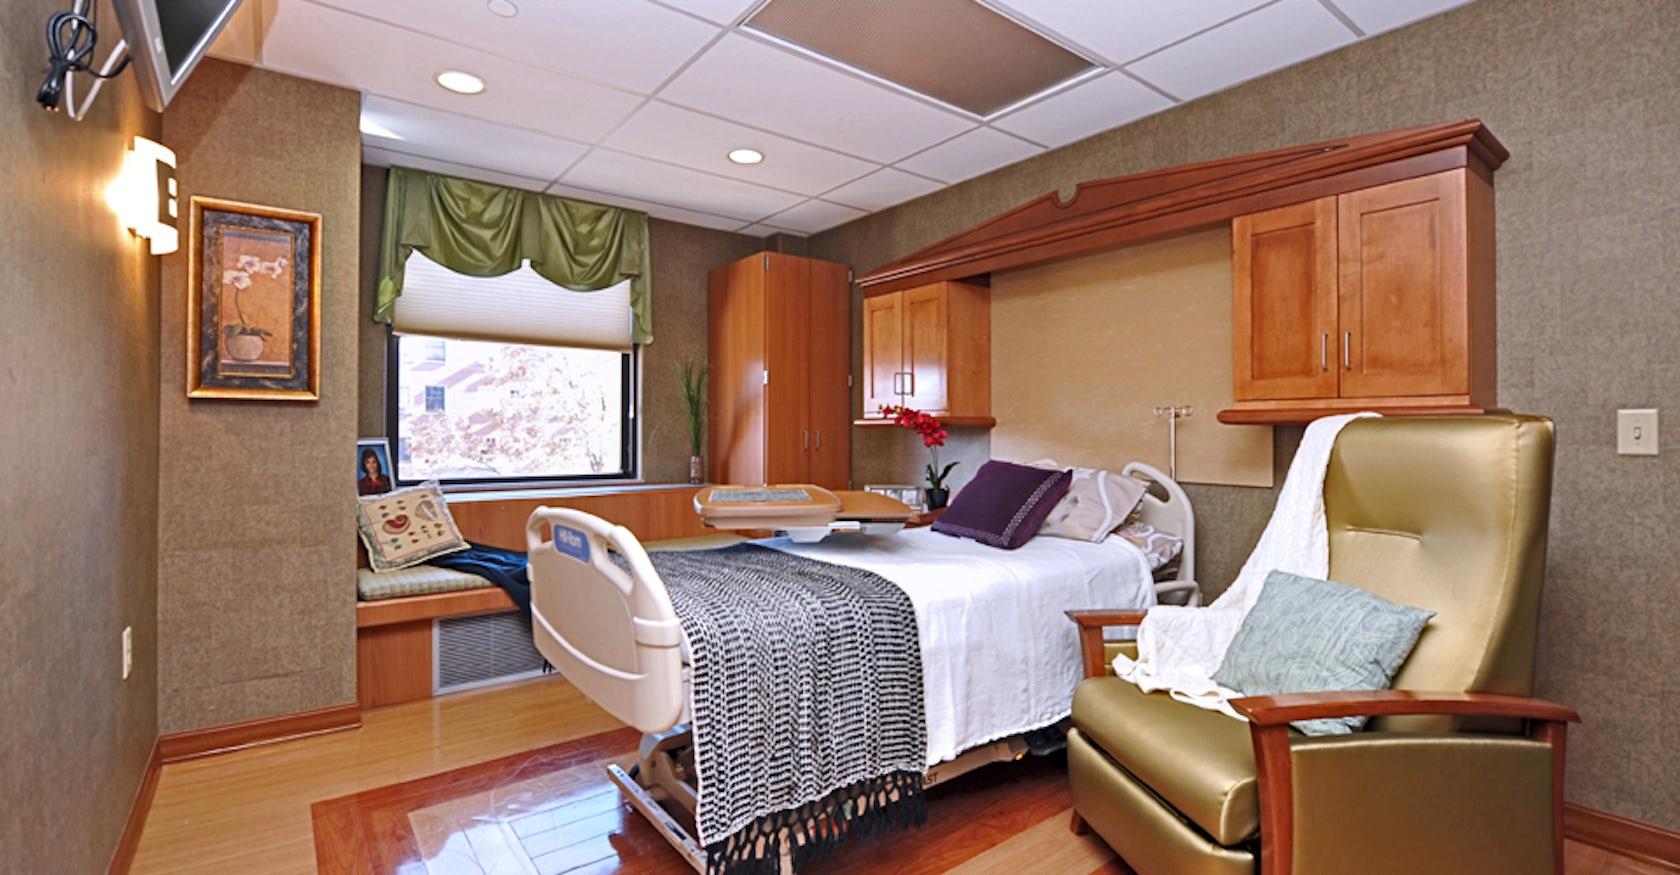 Ksu Room Reservation